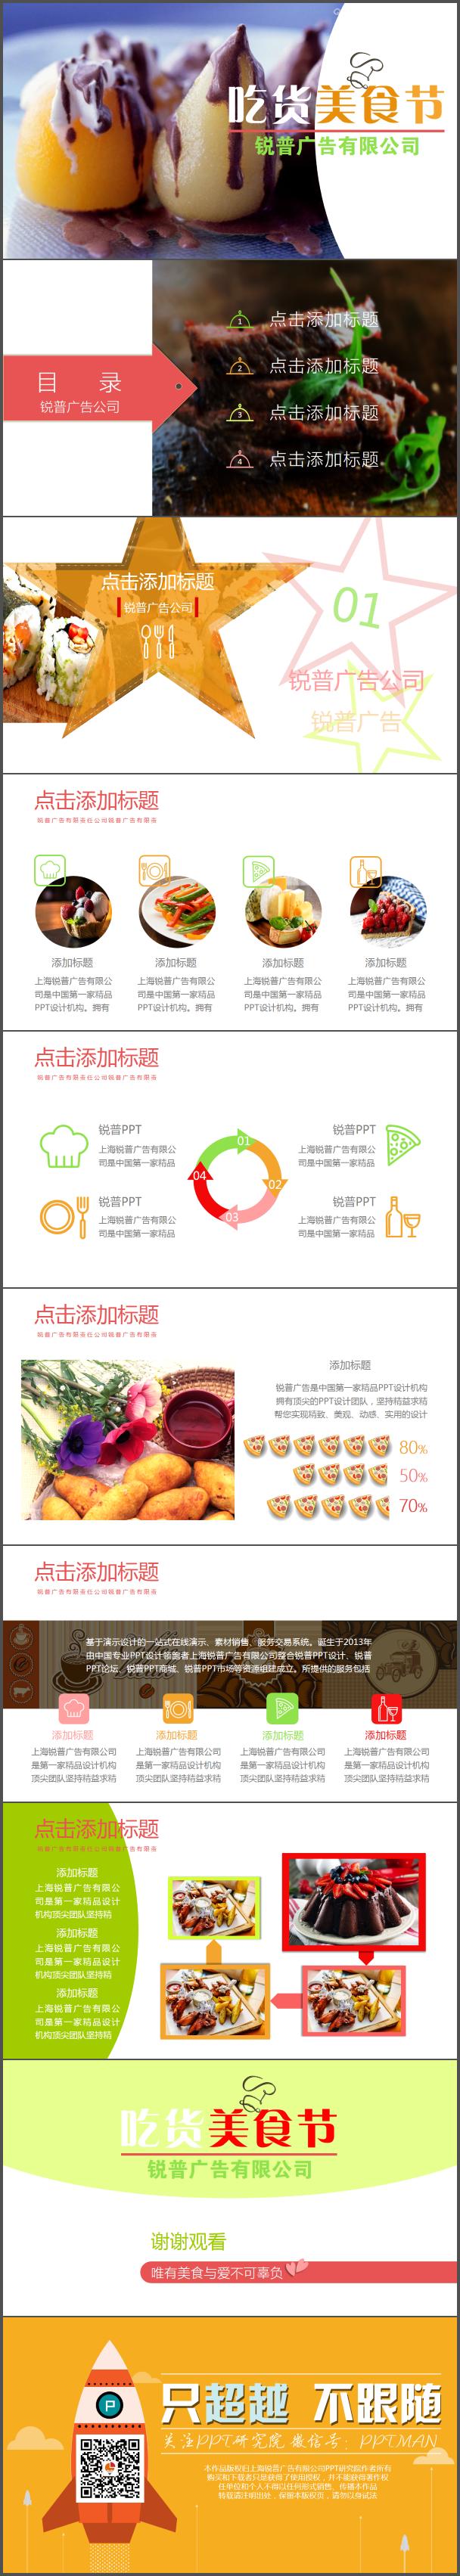 吃货美食节(美食宣传)ppt模板|ppt/演示|平面|腹肌子